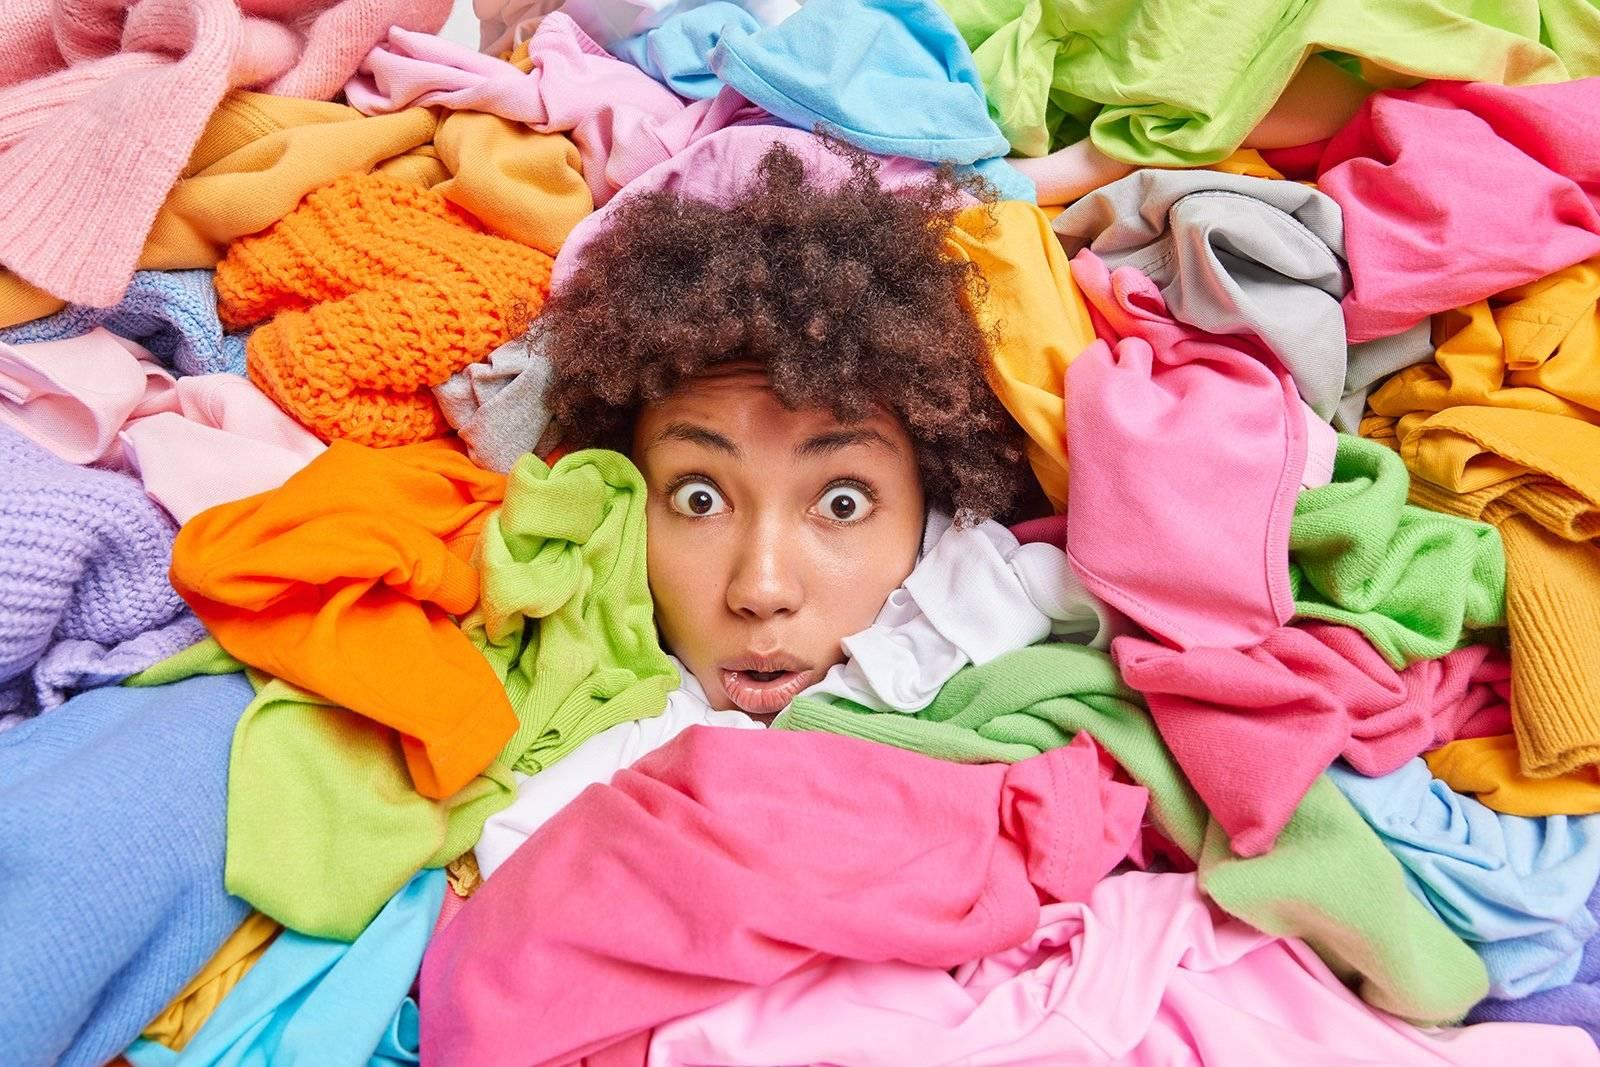 Rifò, startup che produce abiti e accessori recuperando vecchi tessuti e plastica